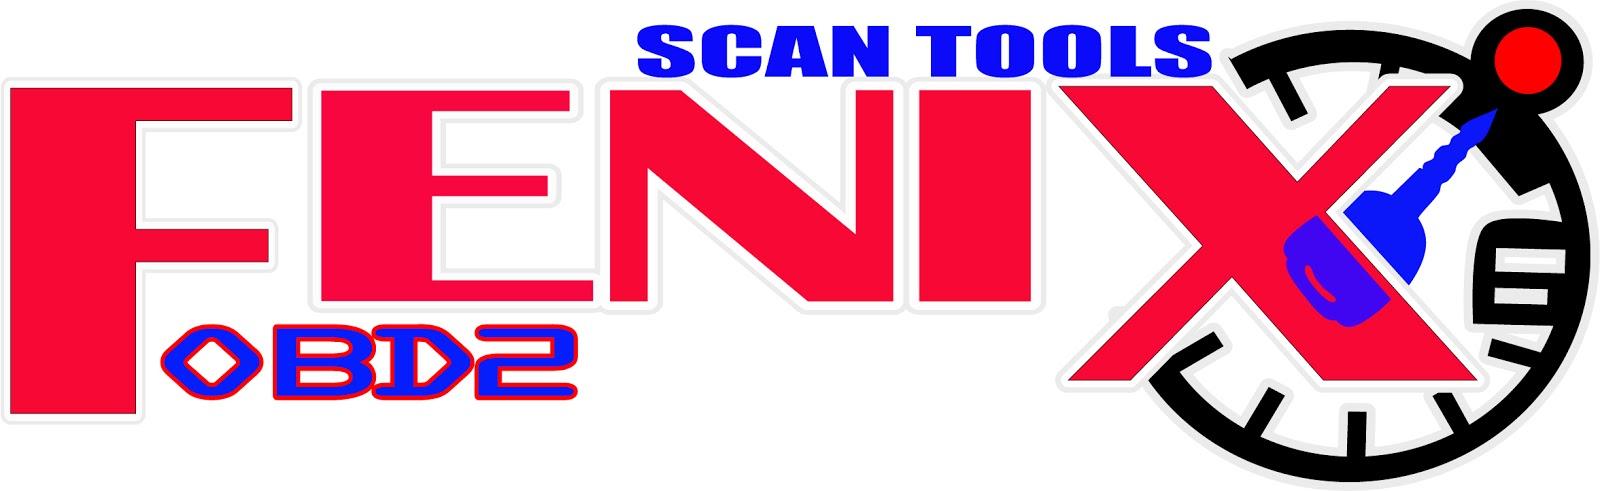 FENIX OBD2 Equipos para diagnostico automotriz, scanner launch ...